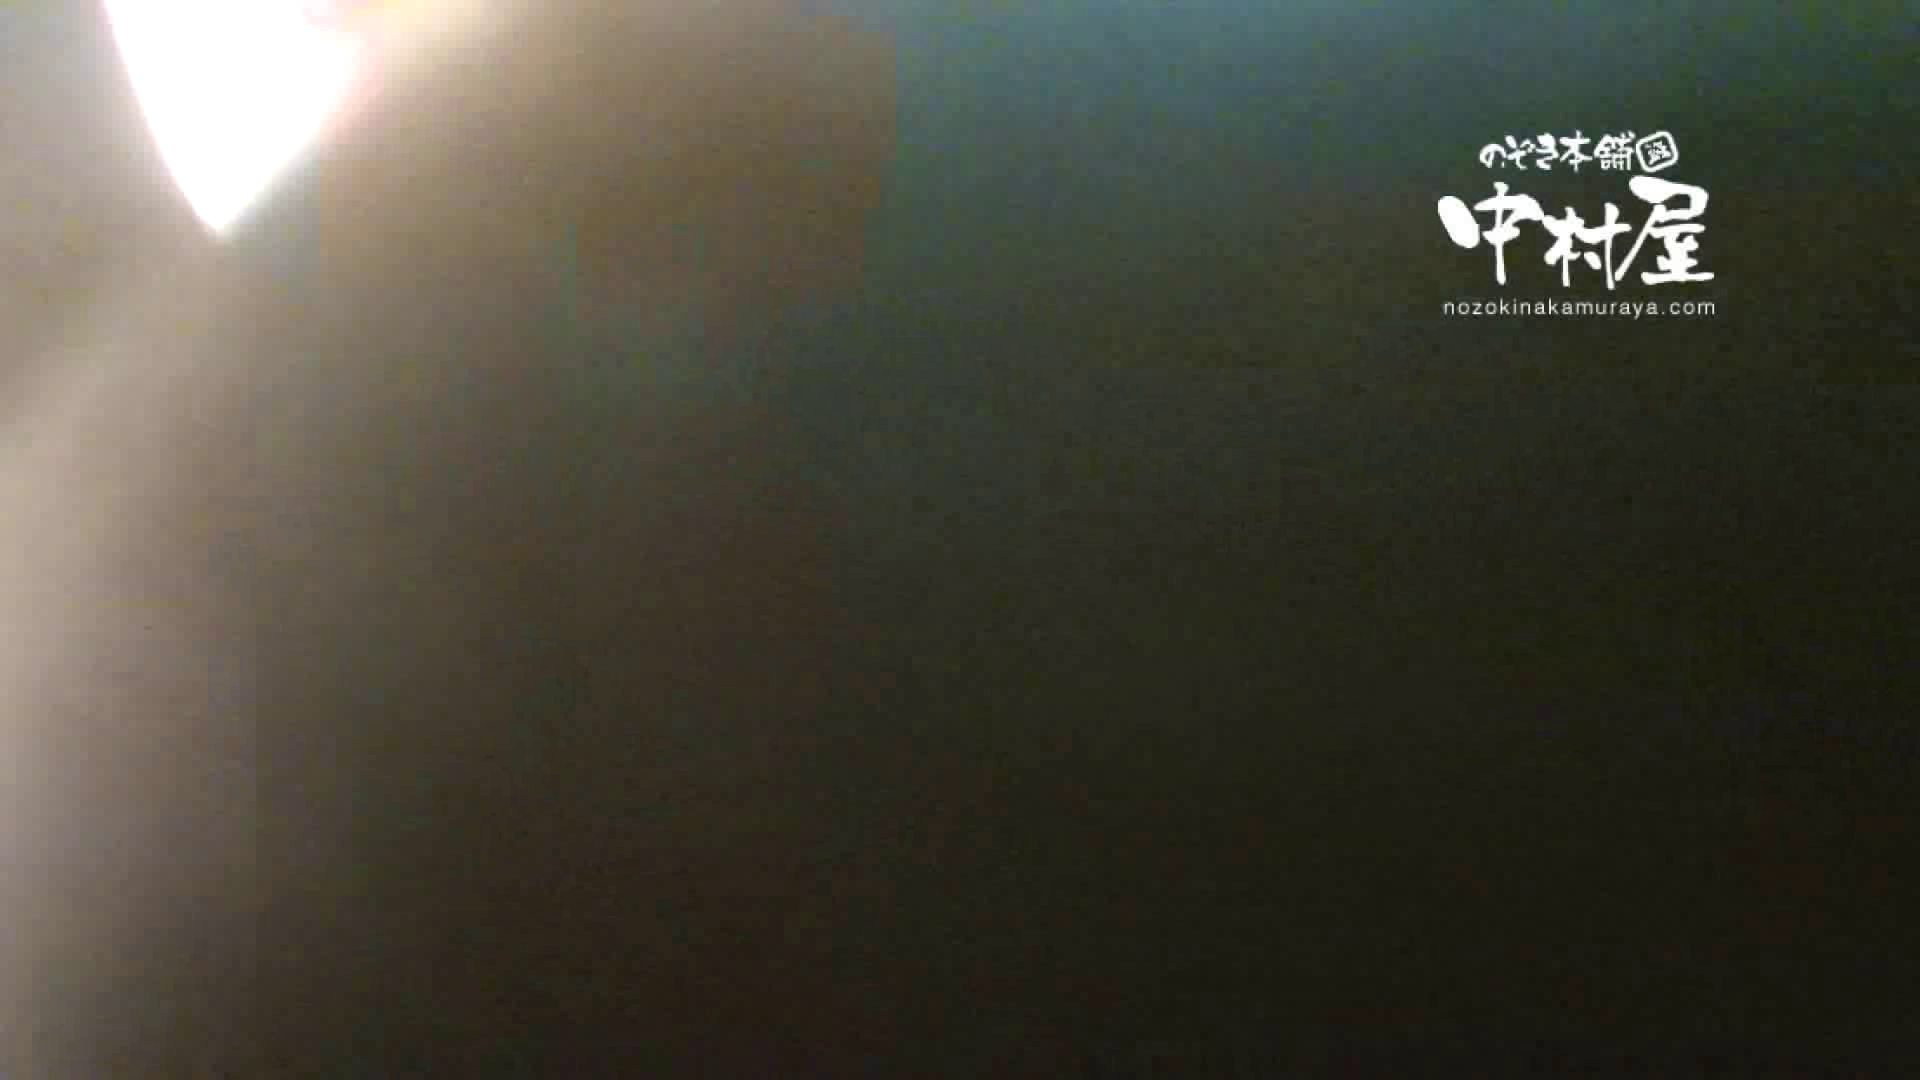 鬼畜 vol.18 居酒屋バイト時代の同僚に中出ししてみる 後編 中出し | 鬼畜  67画像 20